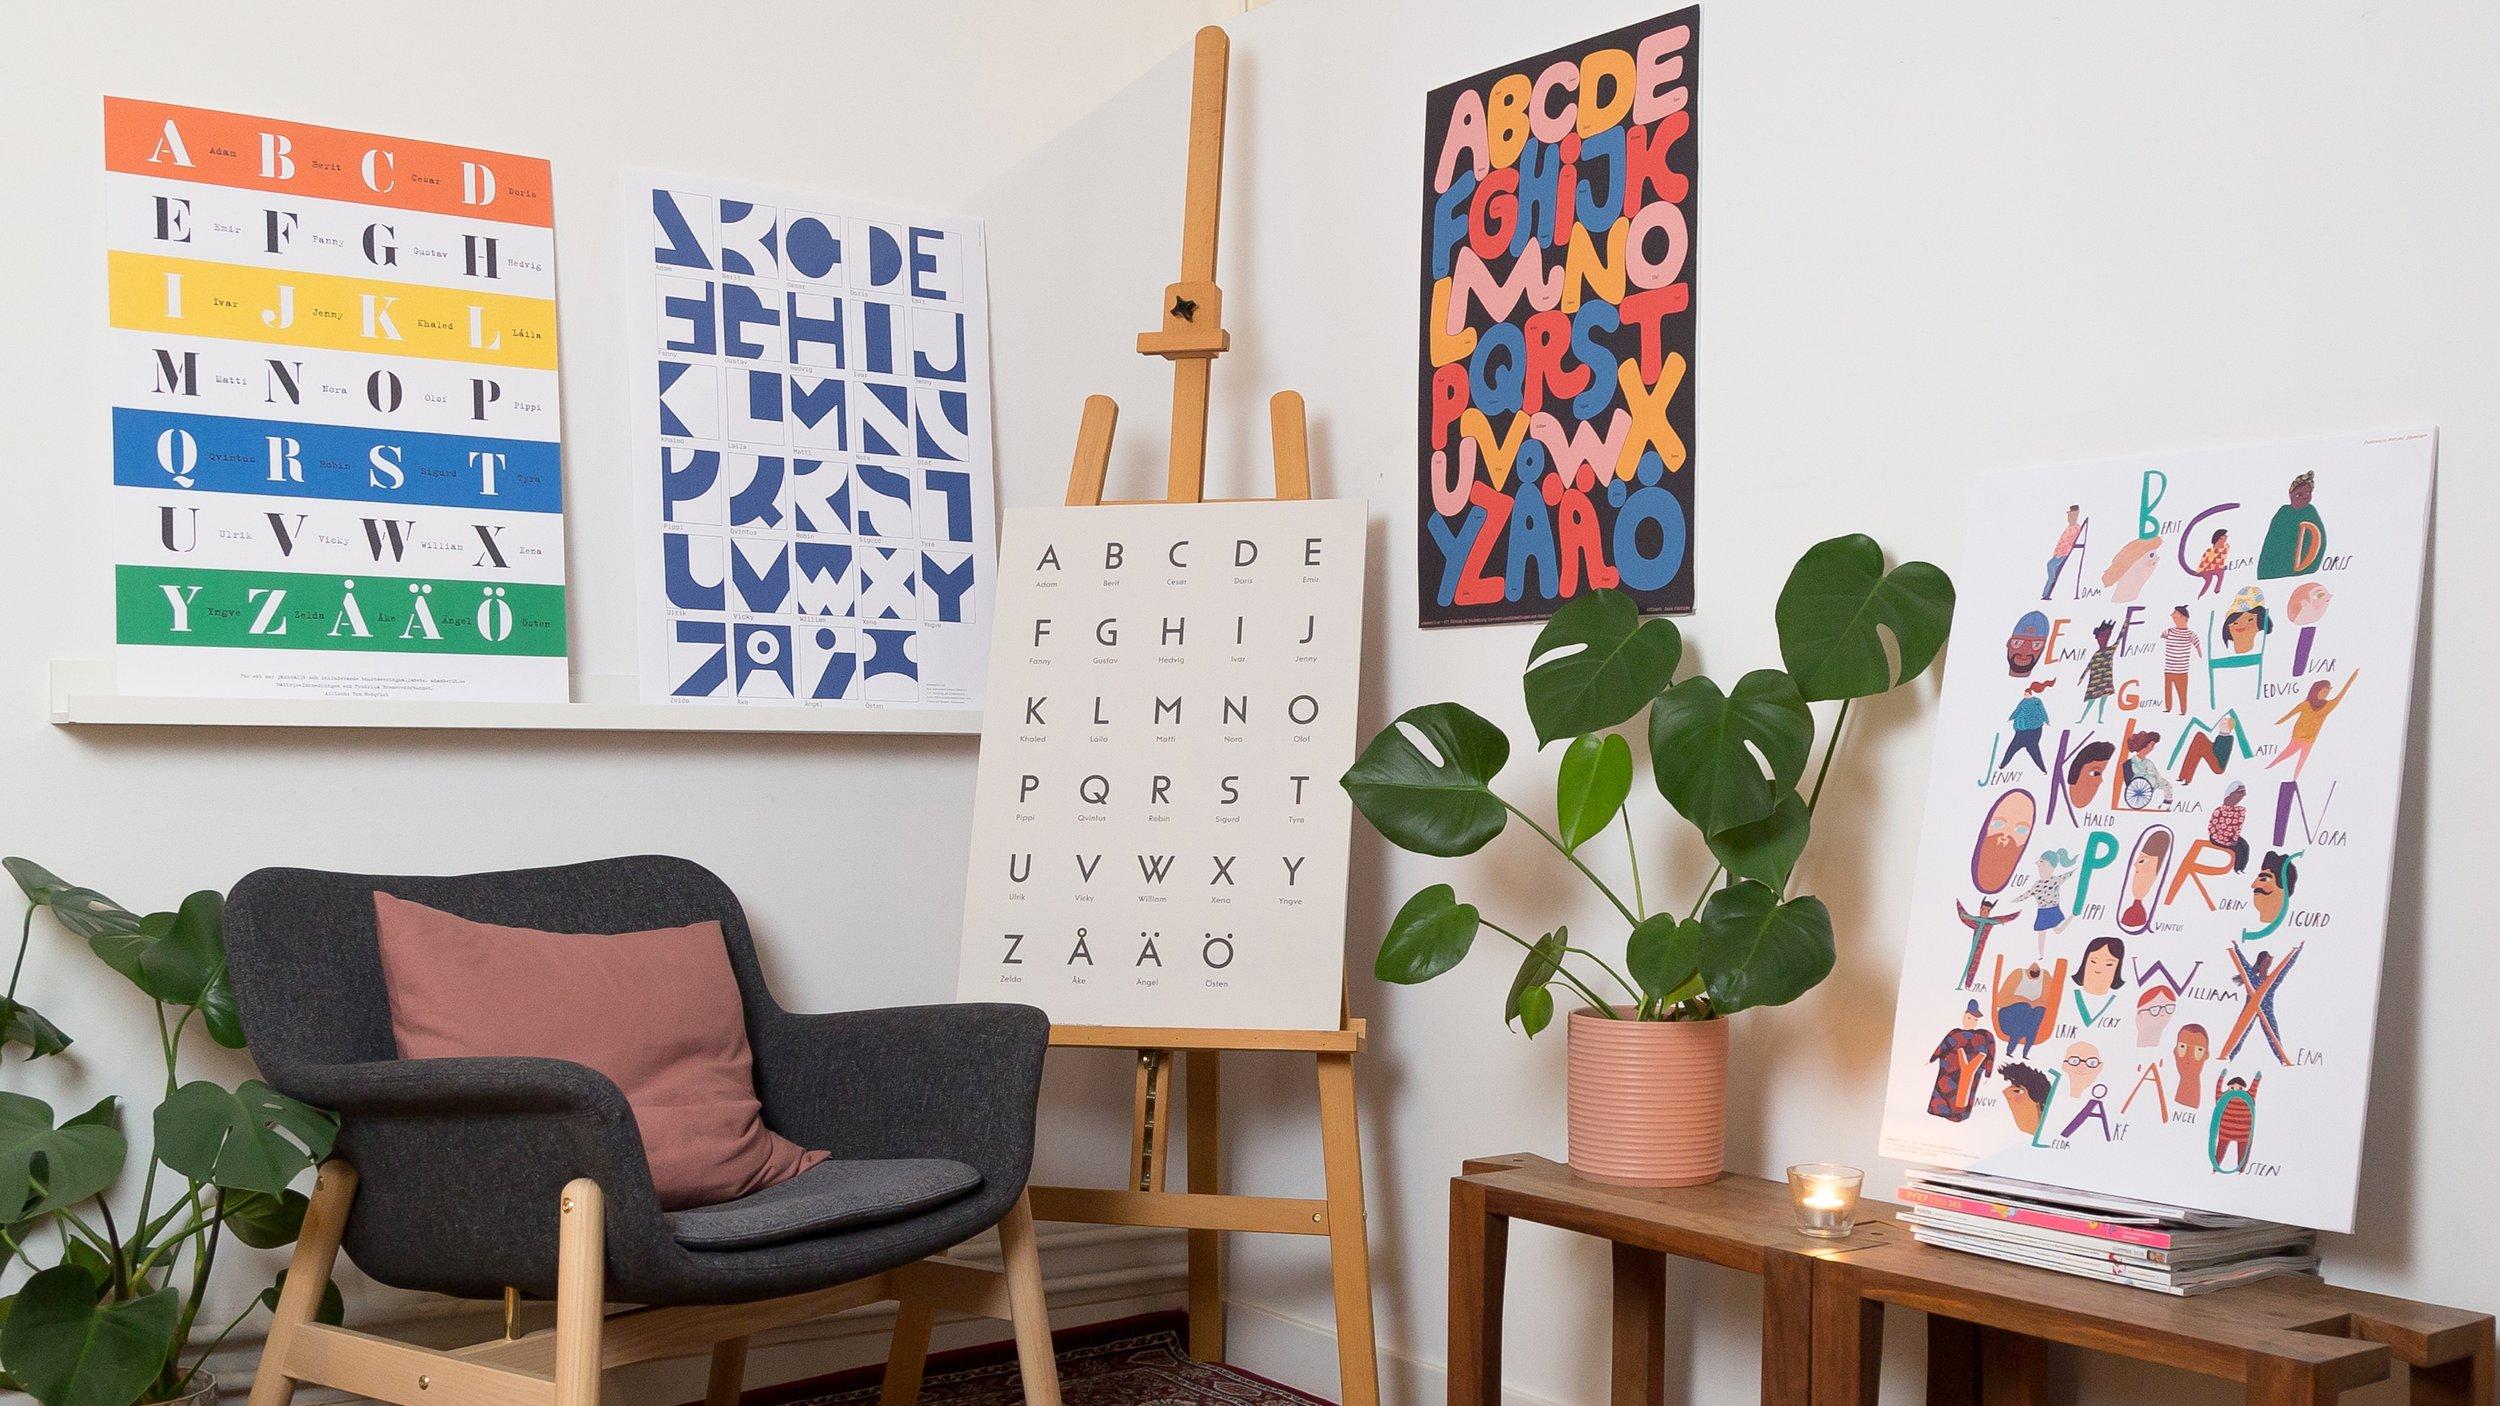 """Flera svenska formgivare tog fram abc-posters med det nya bokstaveringsalfabetet, som sedan såldes hos Design Torget.  """"De posters som släppts har fått en fantastisk spridning, och sitter nu i barnrum, på förskolor och i klassrum överallt. Det finns till och med en utanför Regeringskansliets matsal."""""""